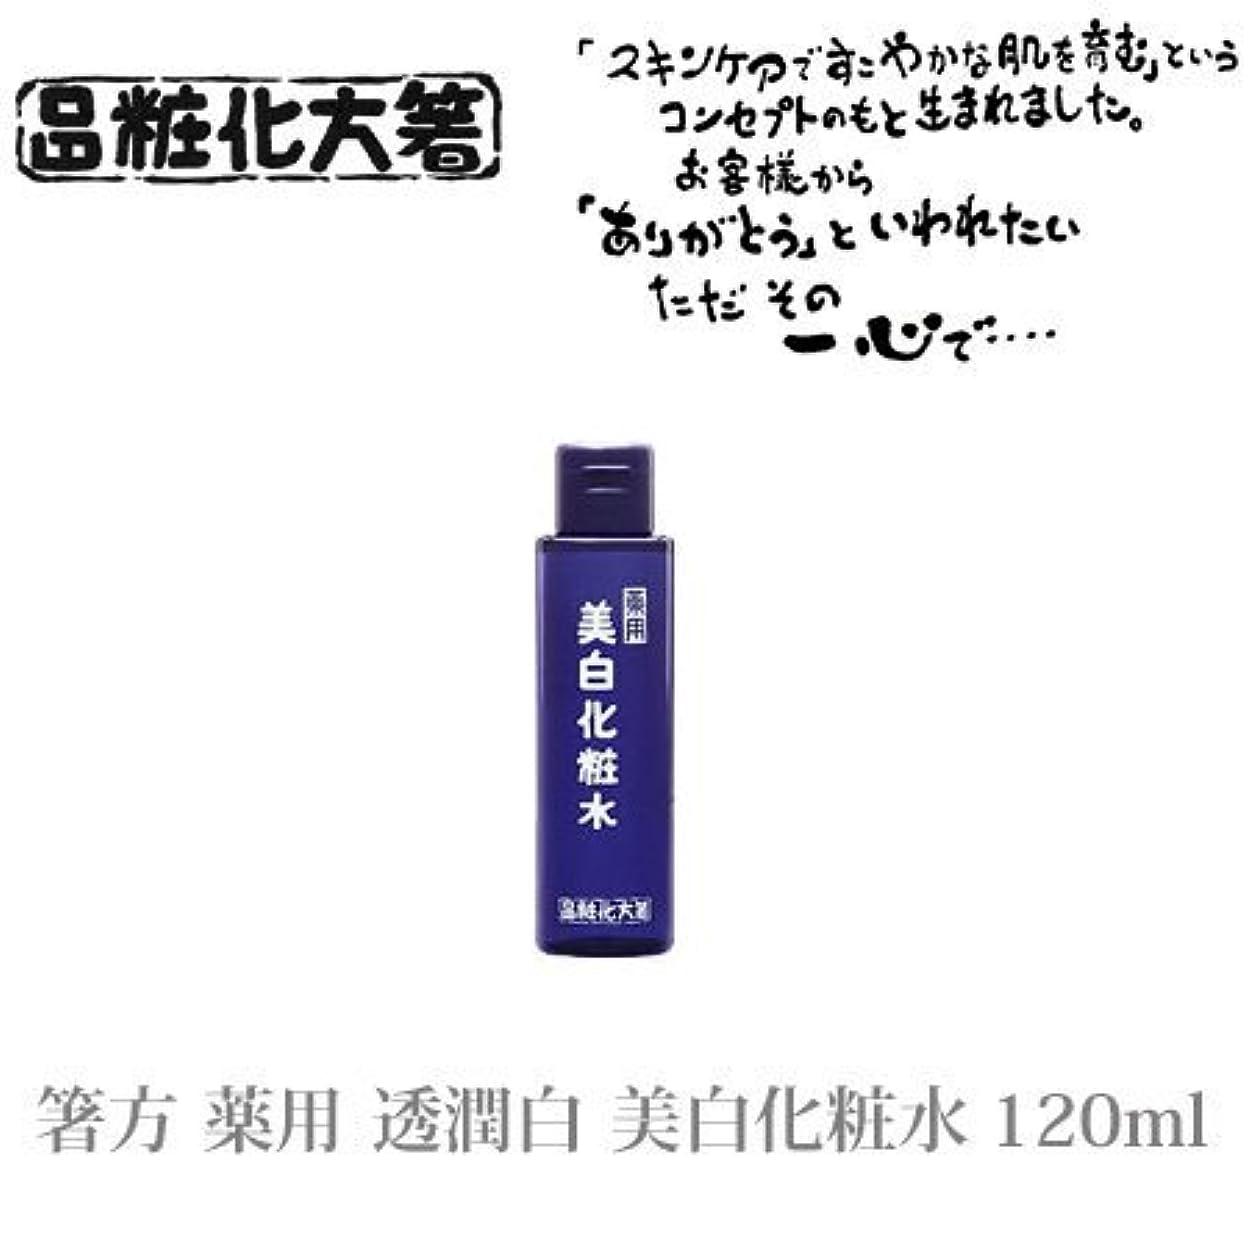 バッグバインド可聴箸方化粧品 薬用 透潤白 美白化粧水 120ml はしかた化粧品